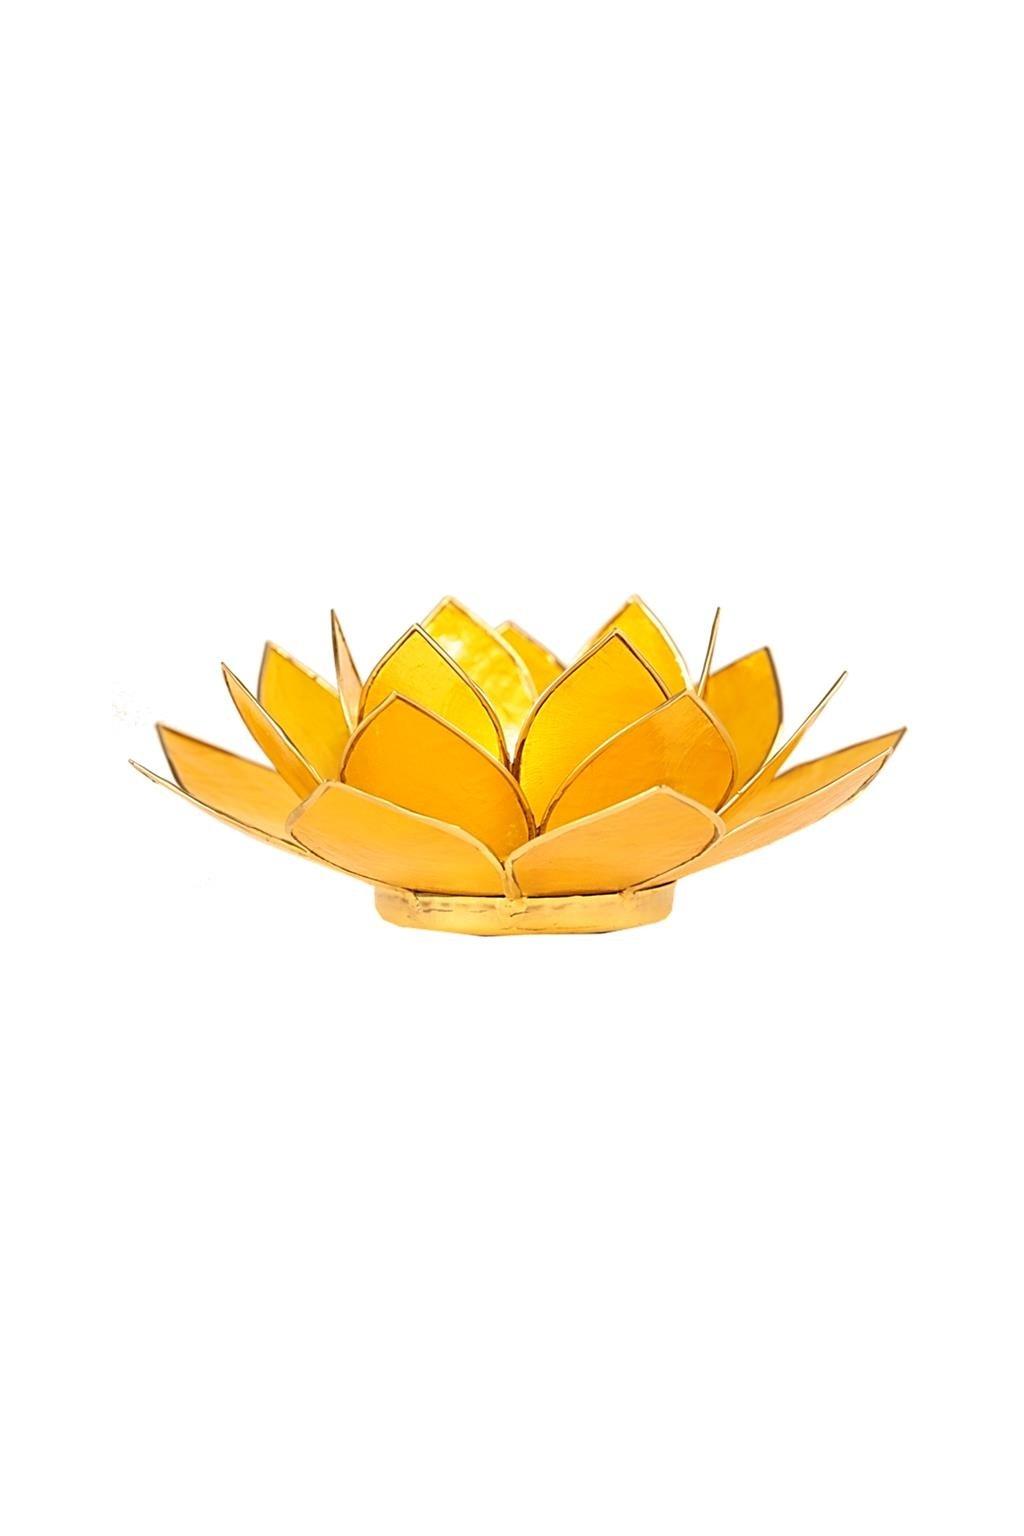 Lotosový svícen 3. čakra - zlatý okraj